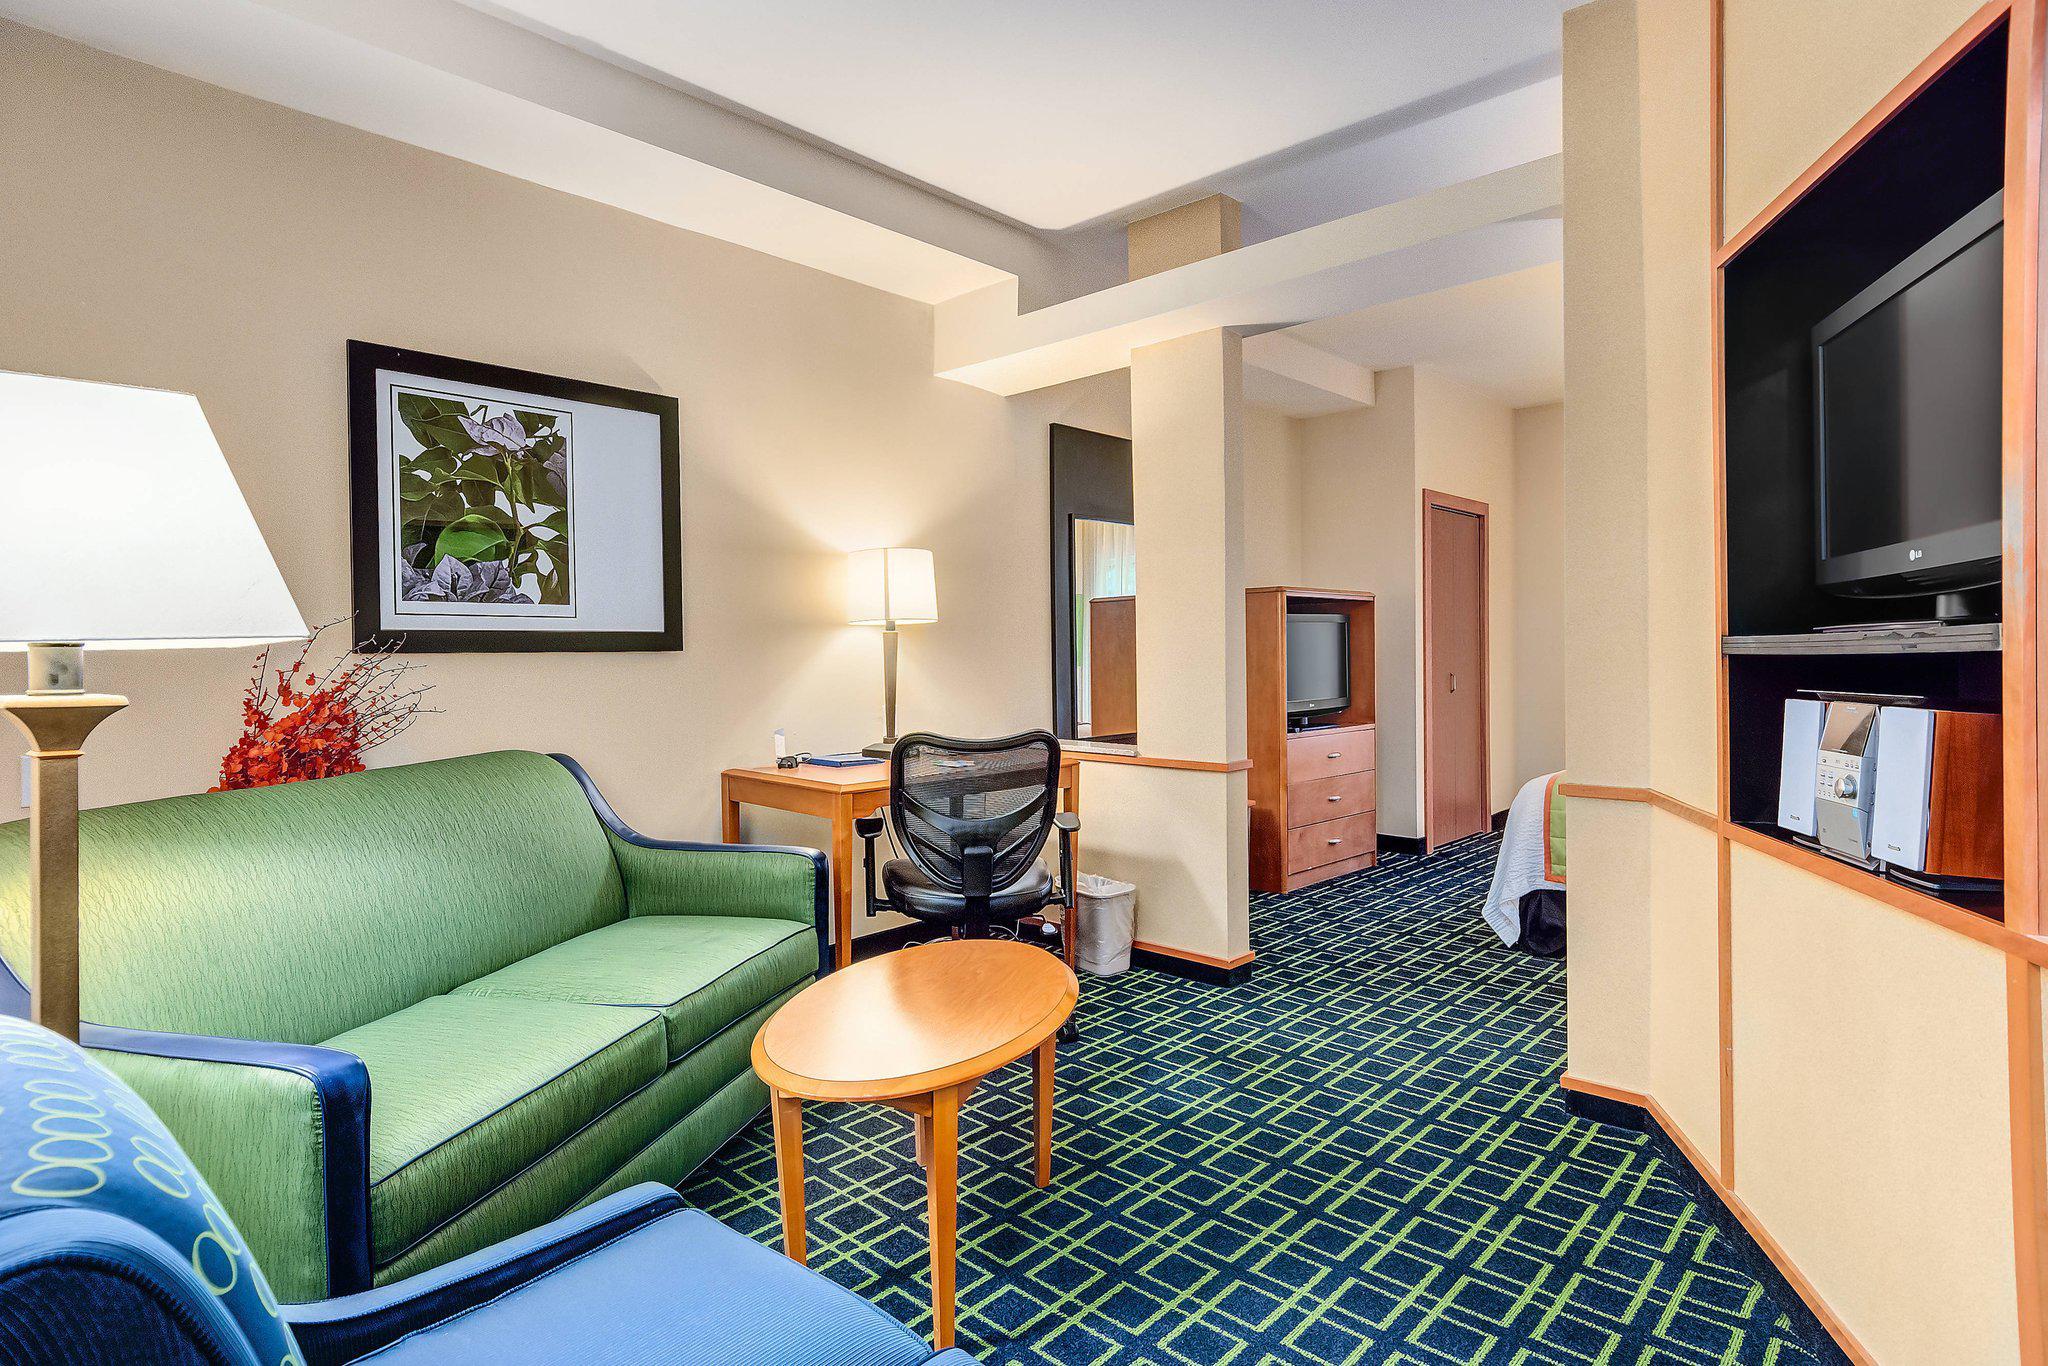 Fairfield Inn & Suites by Marriott Worcester Auburn